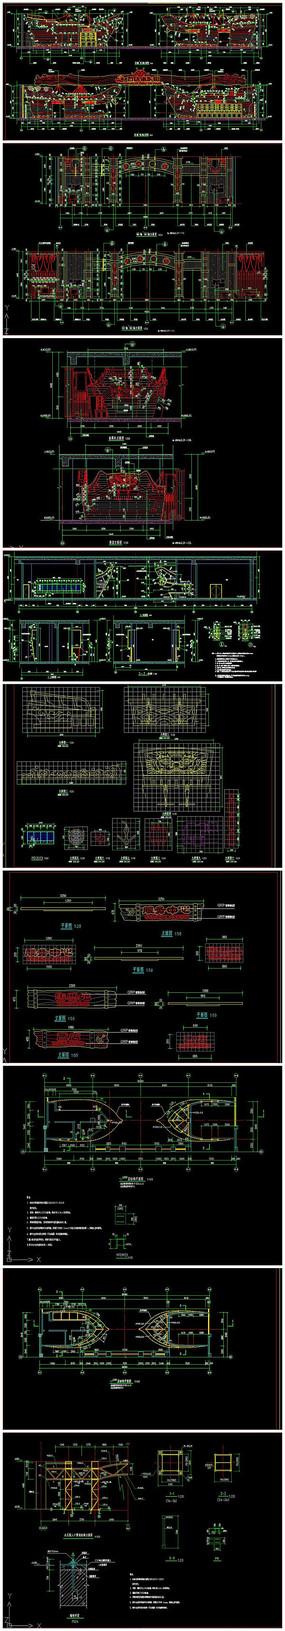 水乐园入口CAD施工图